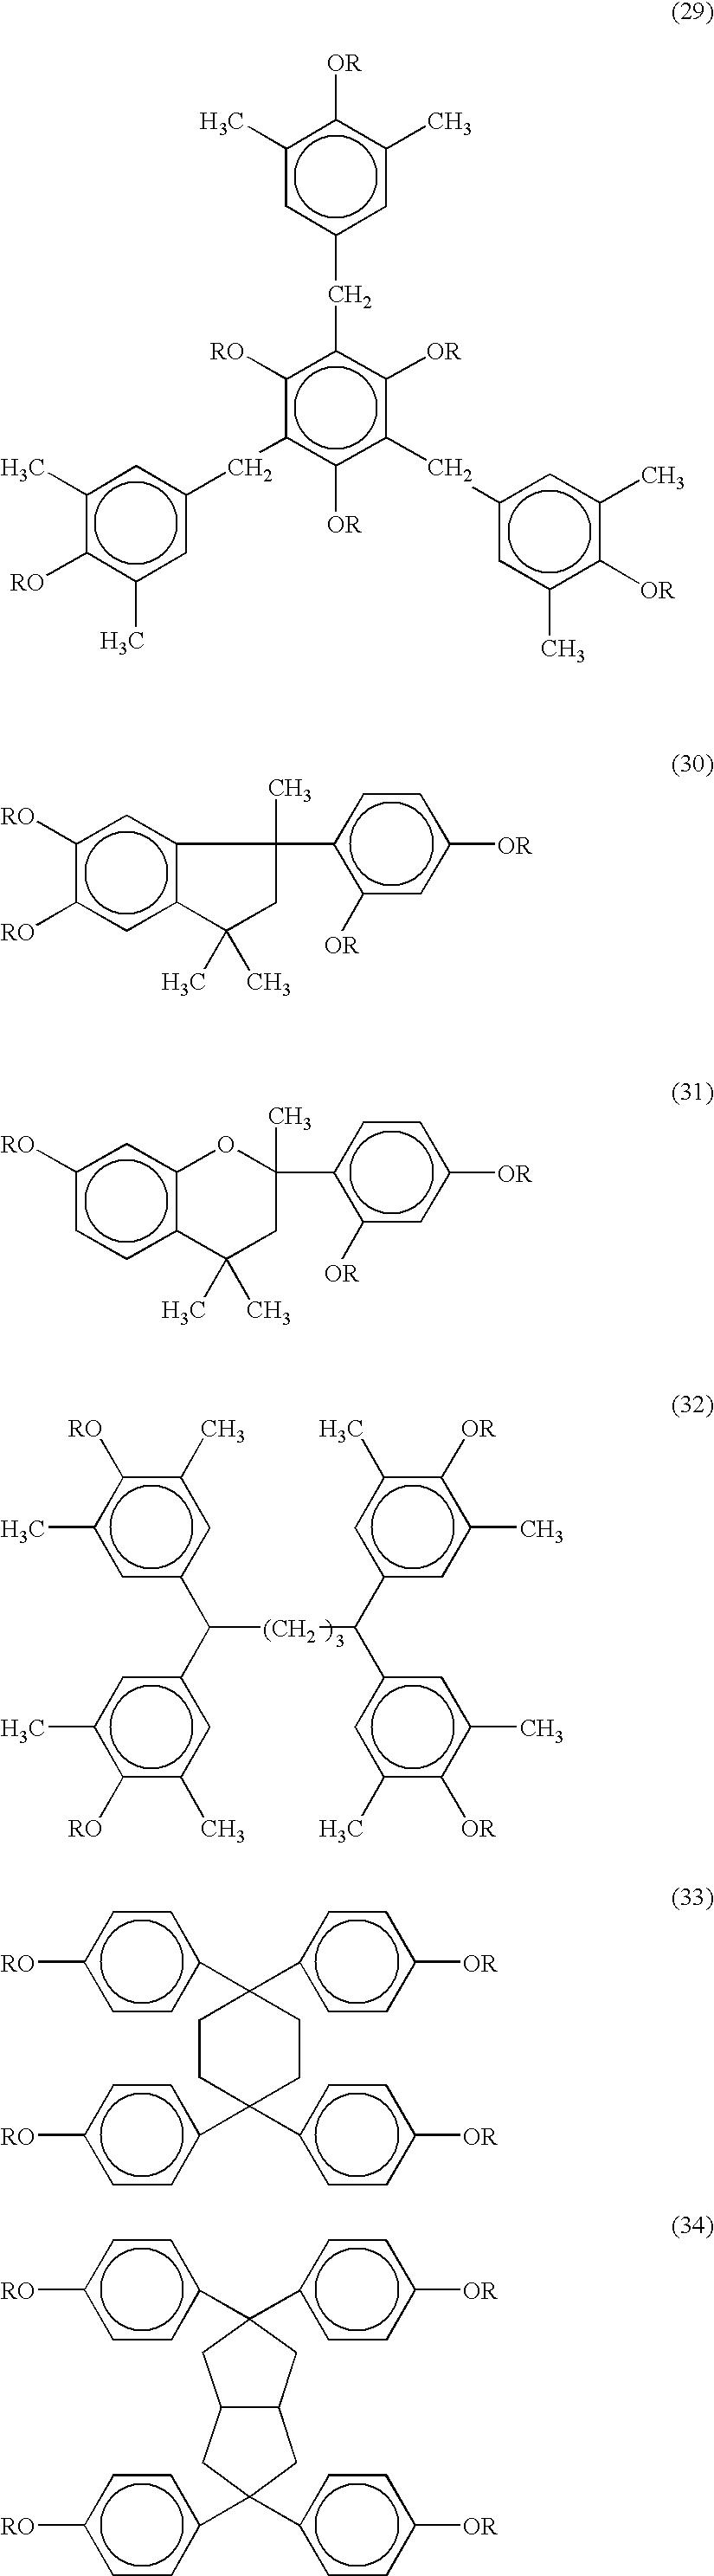 Figure US20070003871A1-20070104-C00087